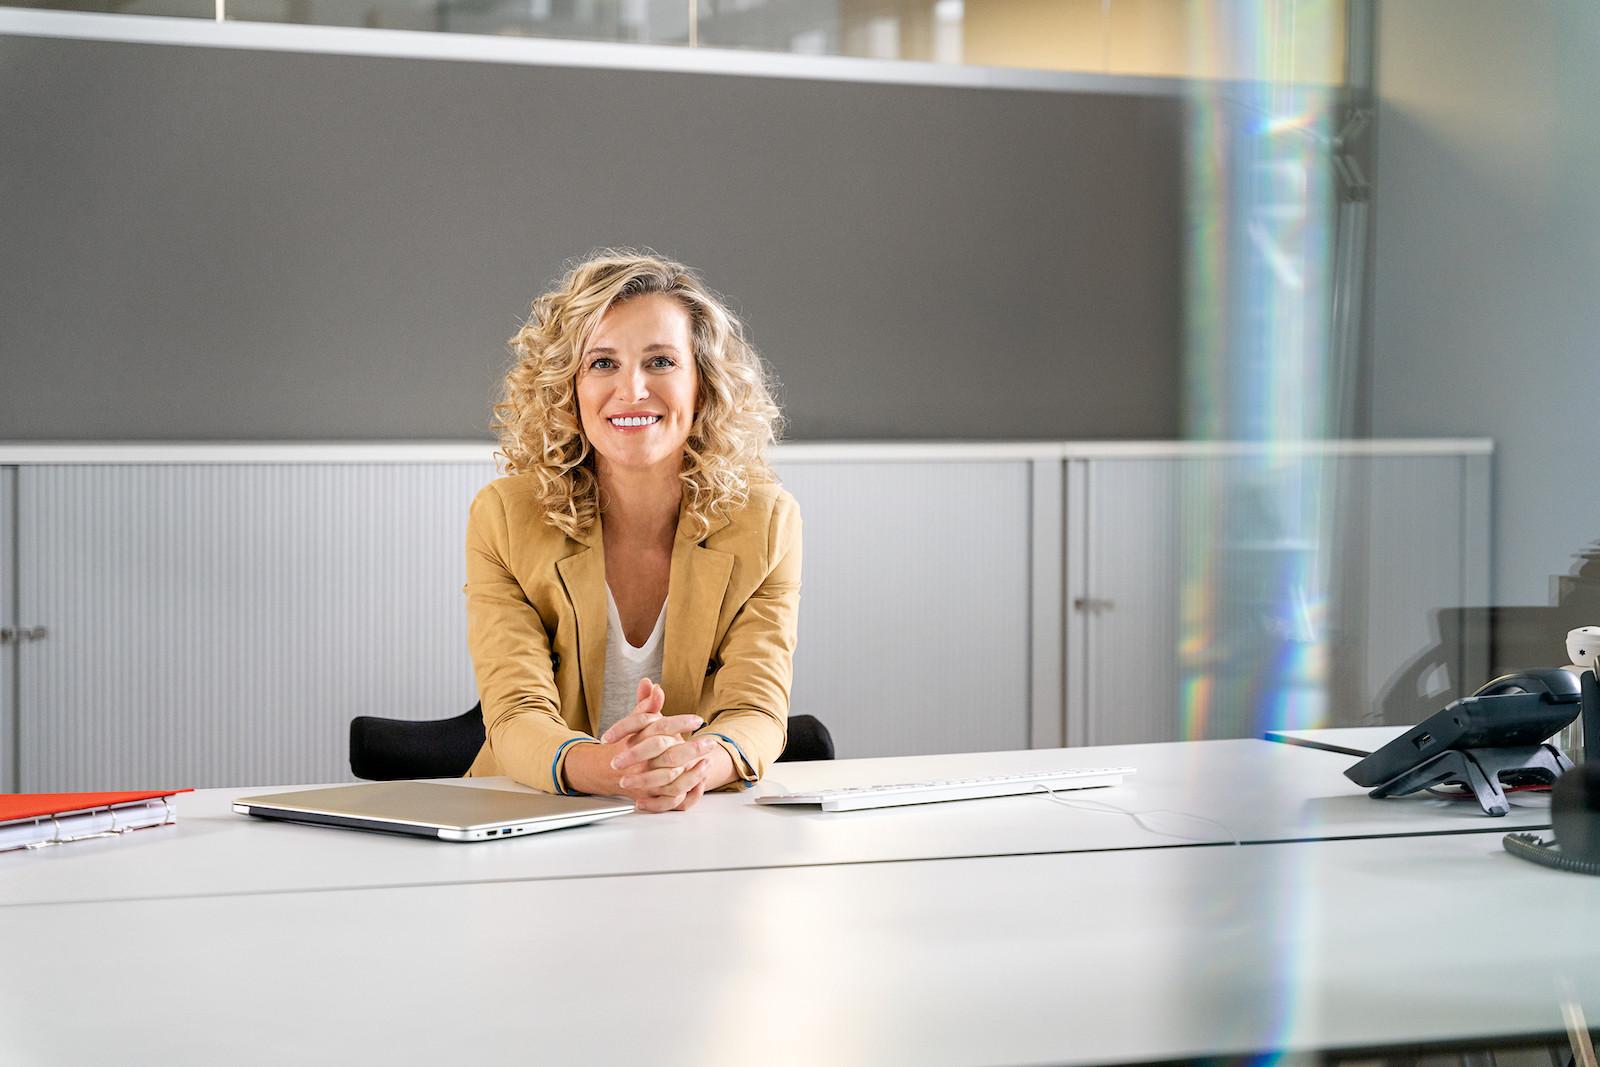 Cleanes Business Bild einer blonden Frau mit lockigem Haar